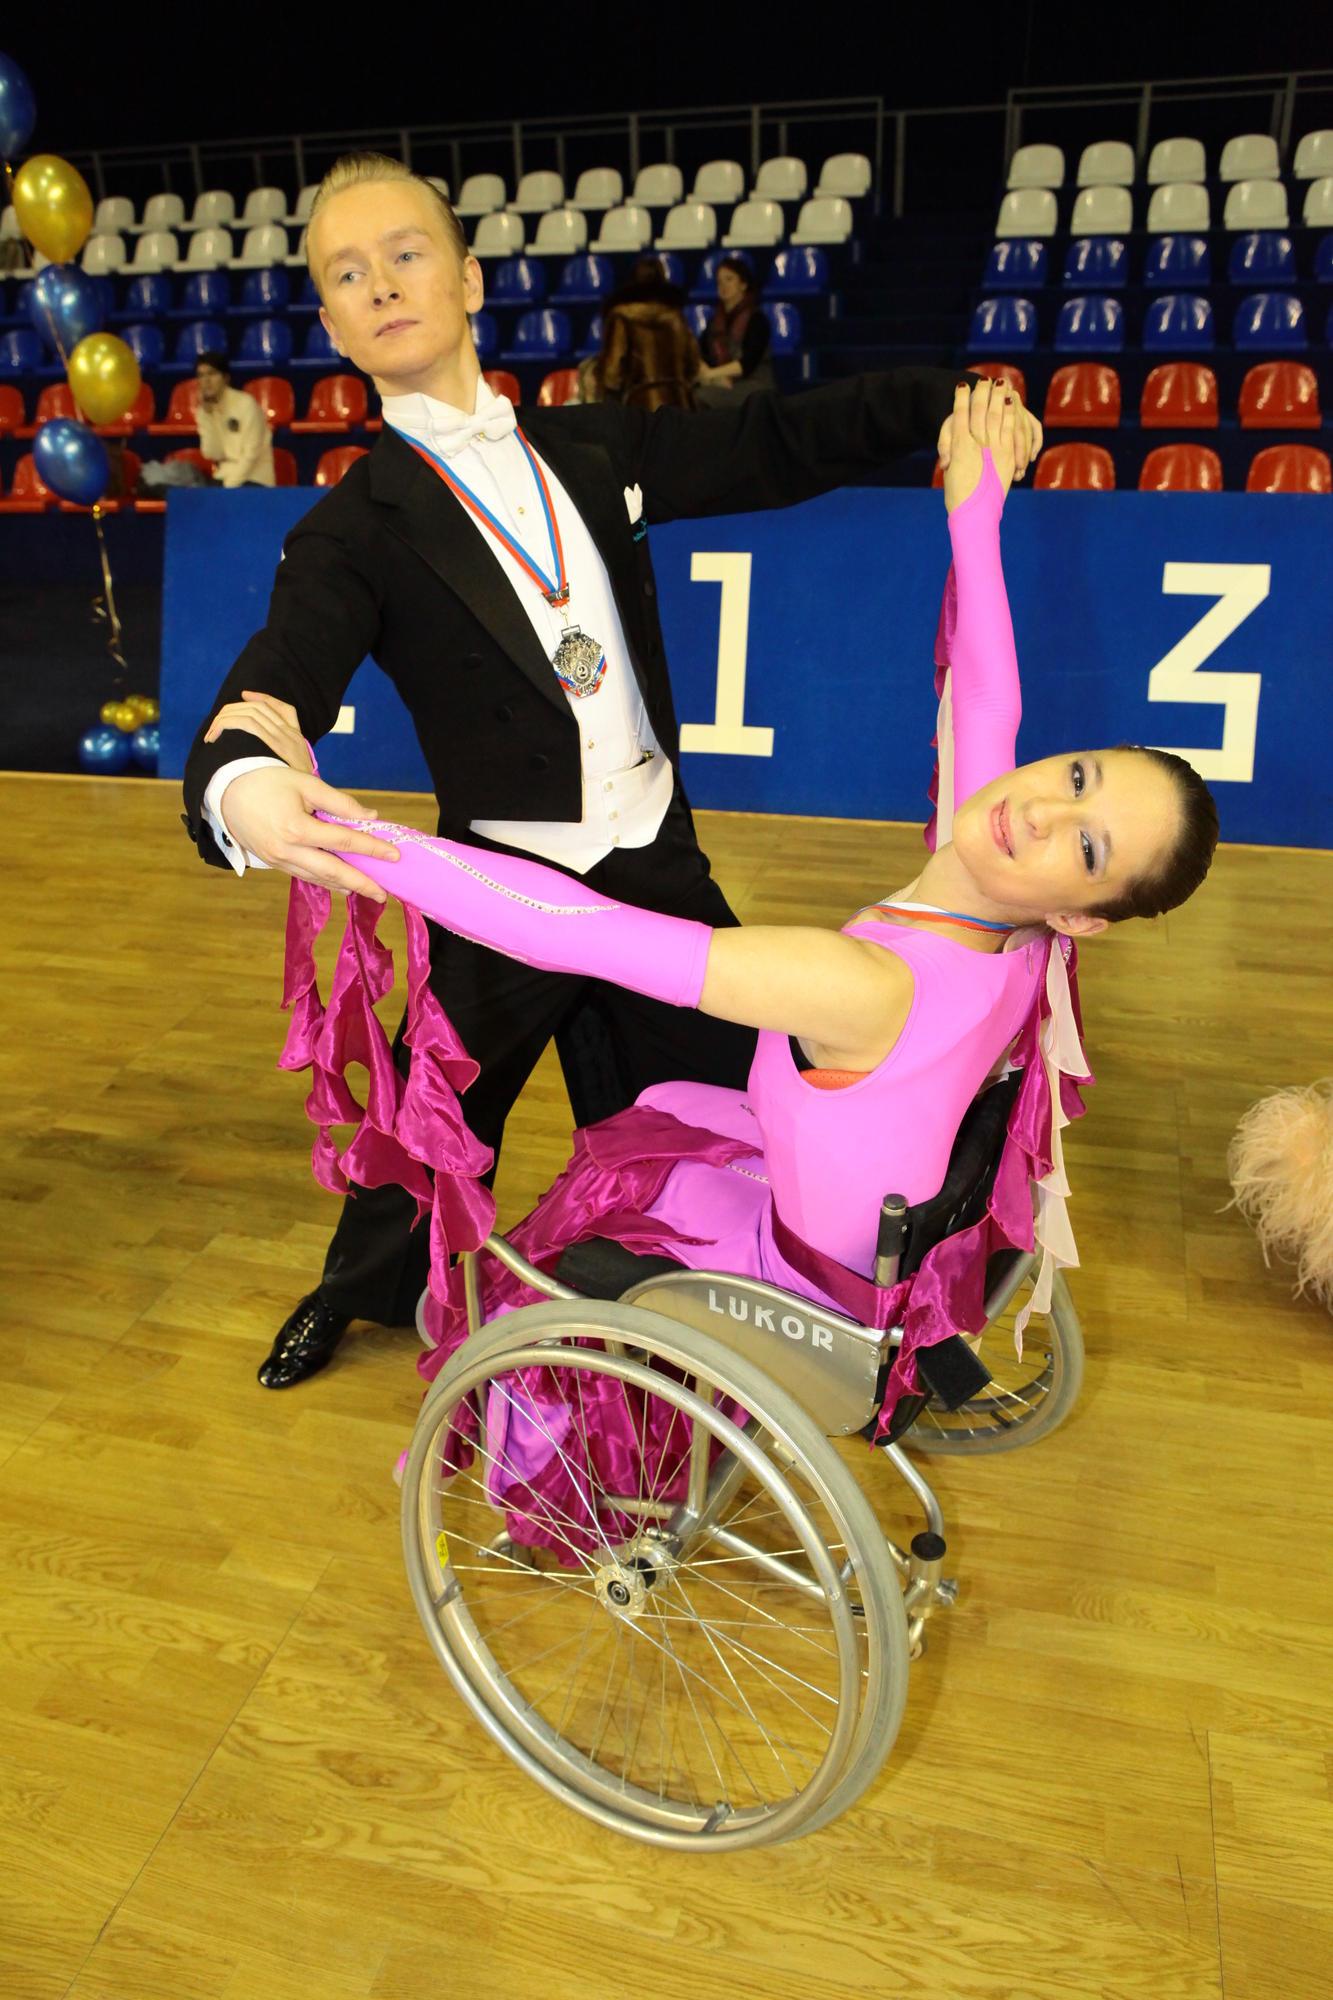 чемпионат украины по спортивным танцам на колясках